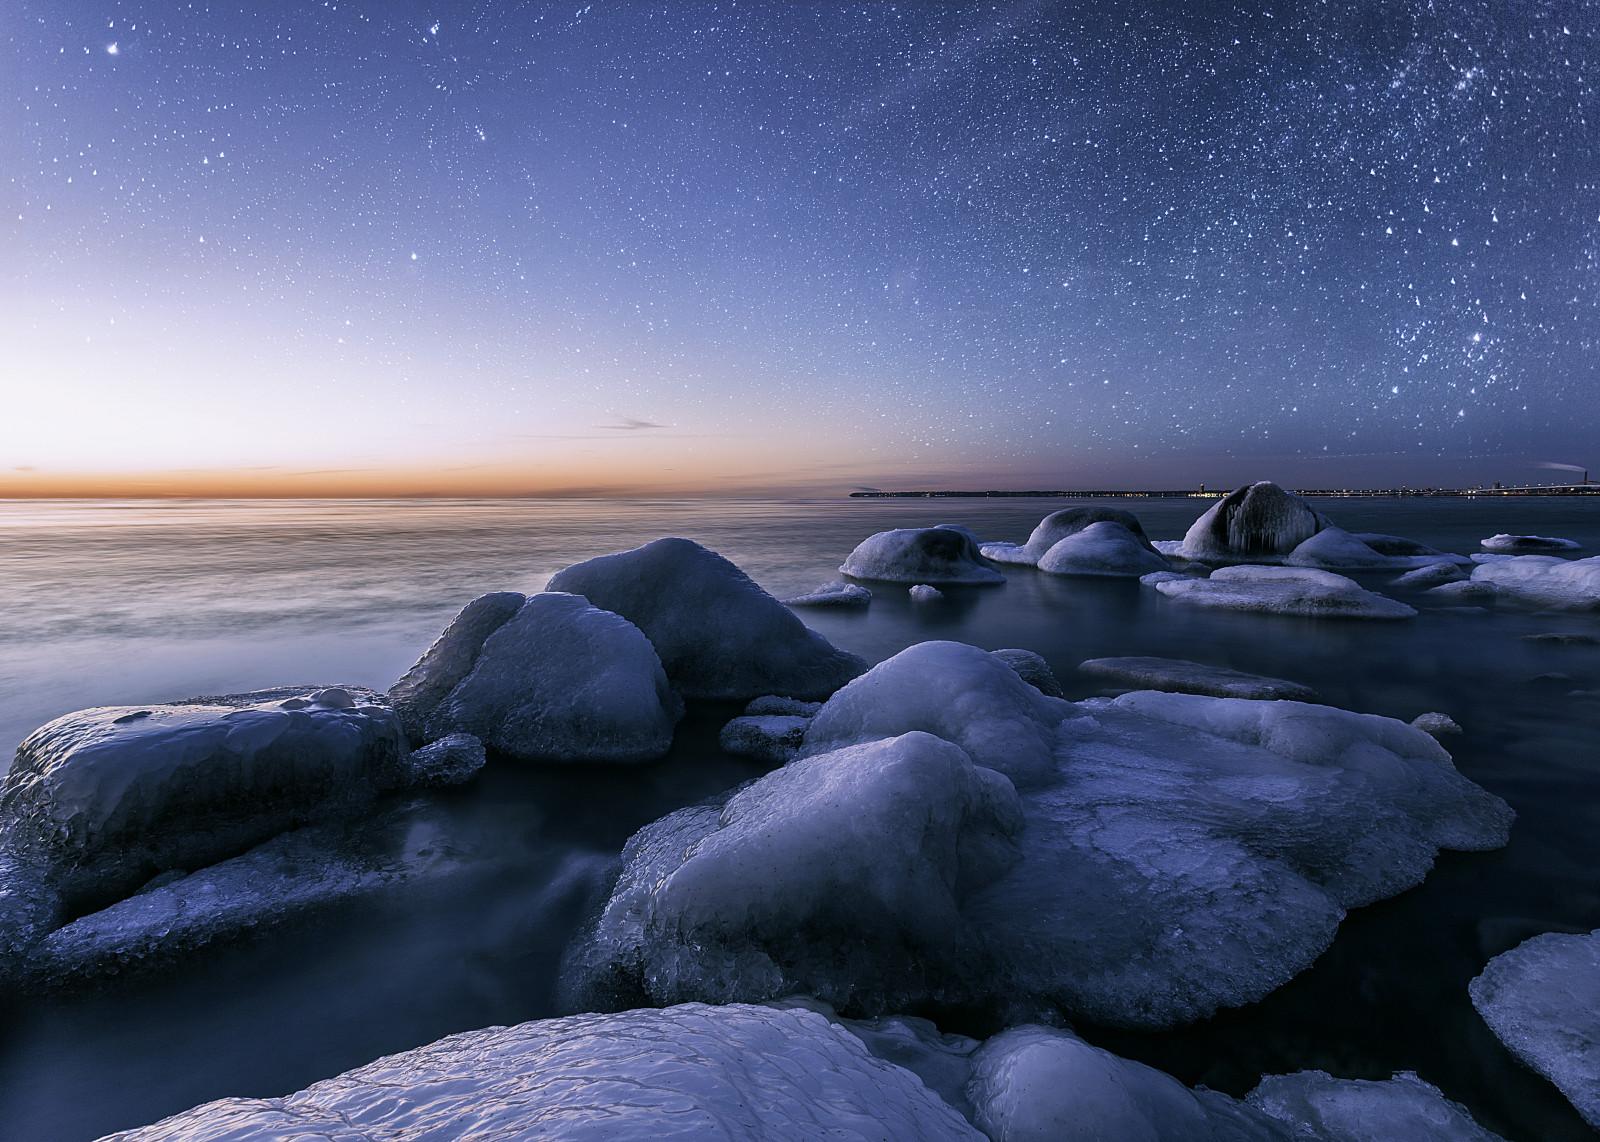 Sfondi  paesaggio mare notte acqua natura inverno